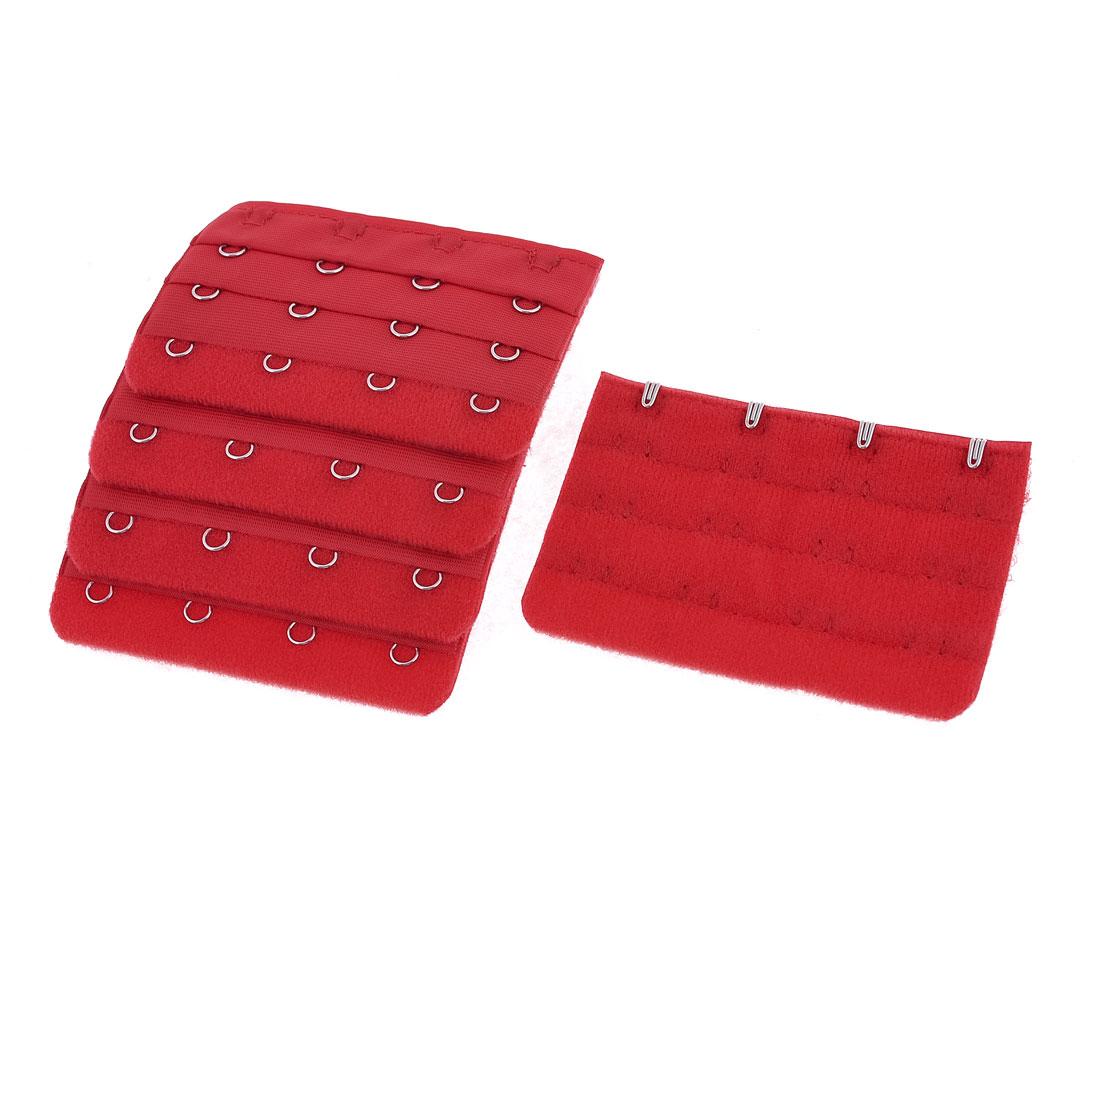 Ladies Underwear Red 3 Rows 4 Position Hooks Bra Strap Extender 5 Pieces